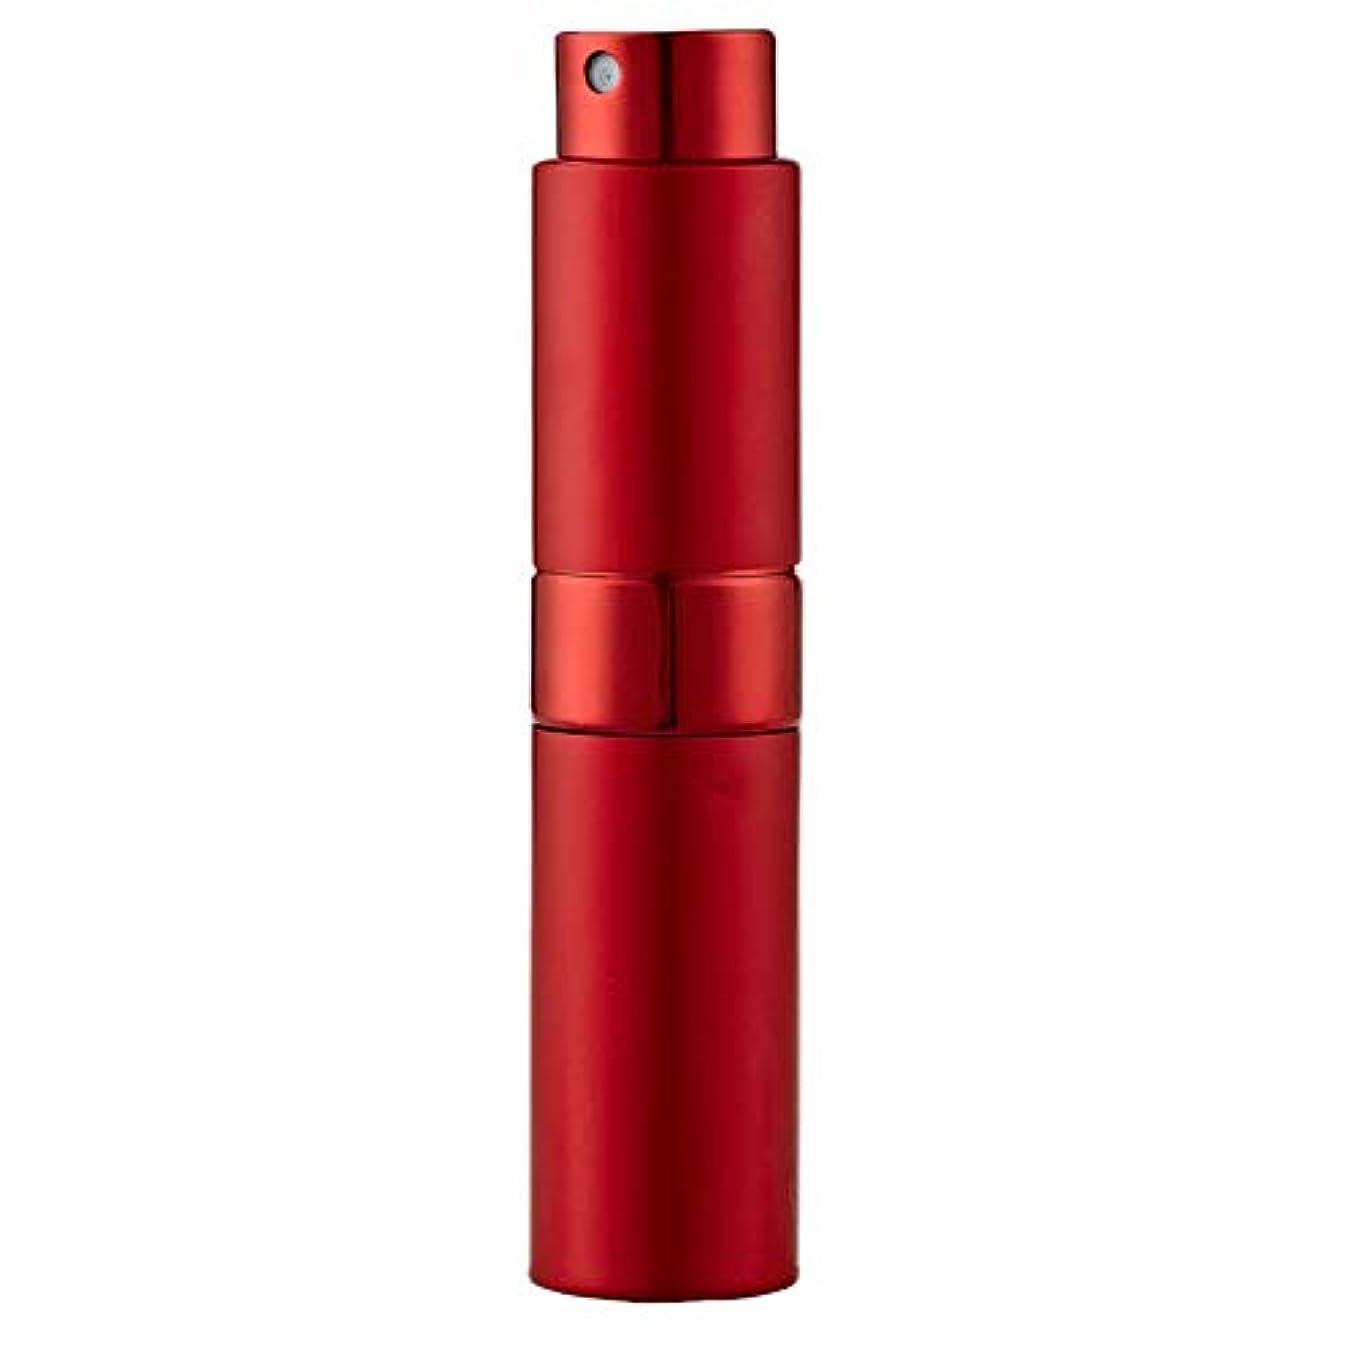 応じる除去知人Ladygogo 香水アトマイザーセット 回転プッシュ式 スプレー ボトル 香水スプレー 詰め替え 持ち運び 身だしなみ 携帯用 男女兼用 (レッド)